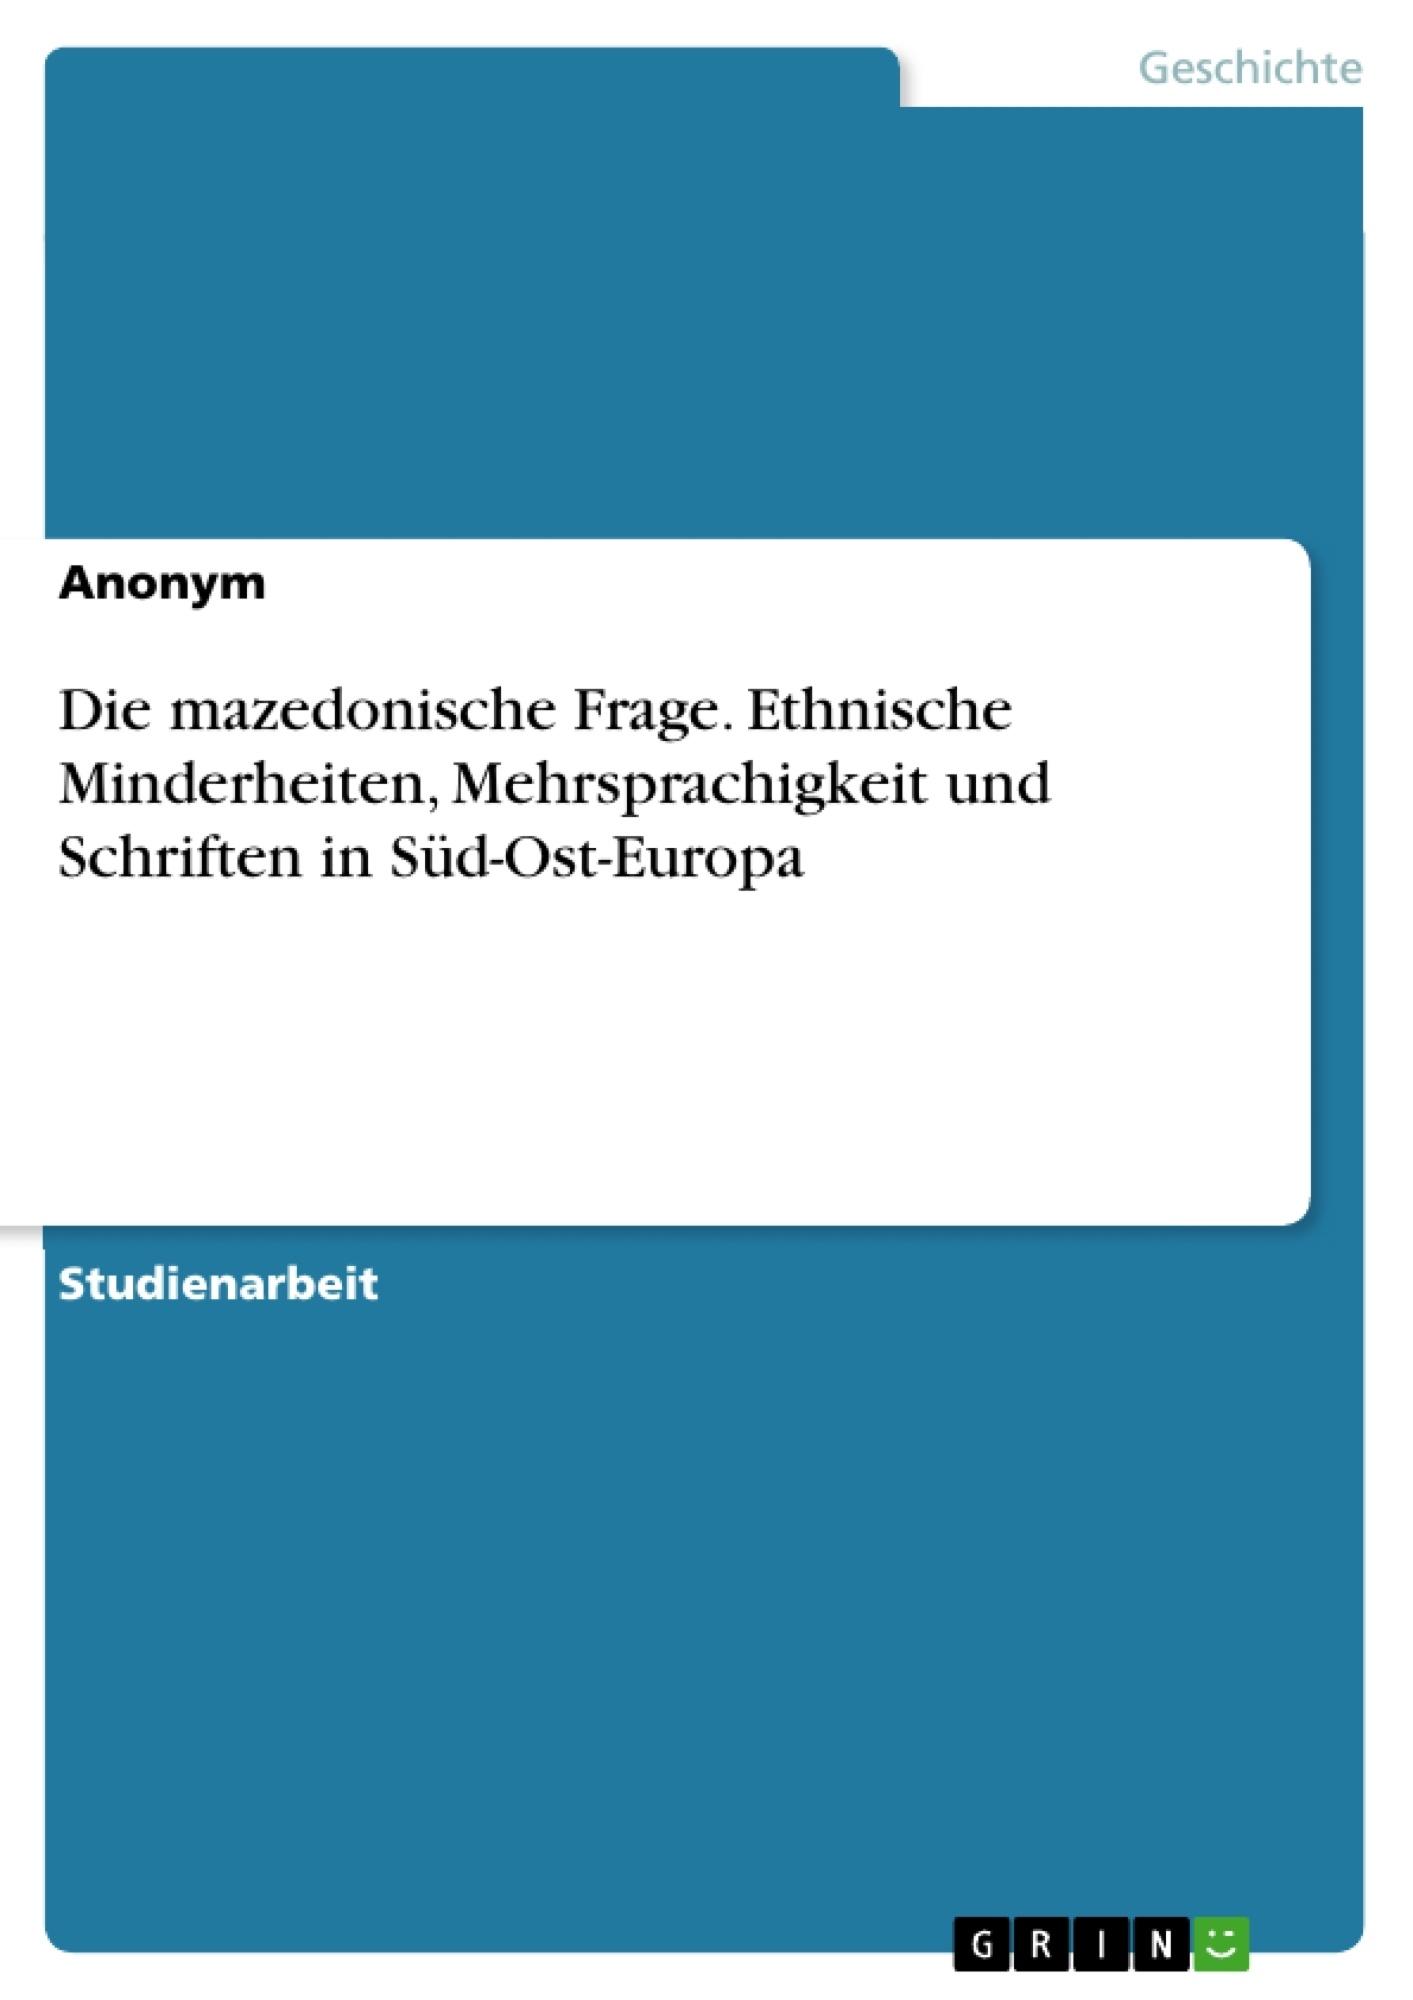 Titel: Die mazedonische Frage. Ethnische Minderheiten, Mehrsprachigkeit und Schriften in Süd-Ost-Europa